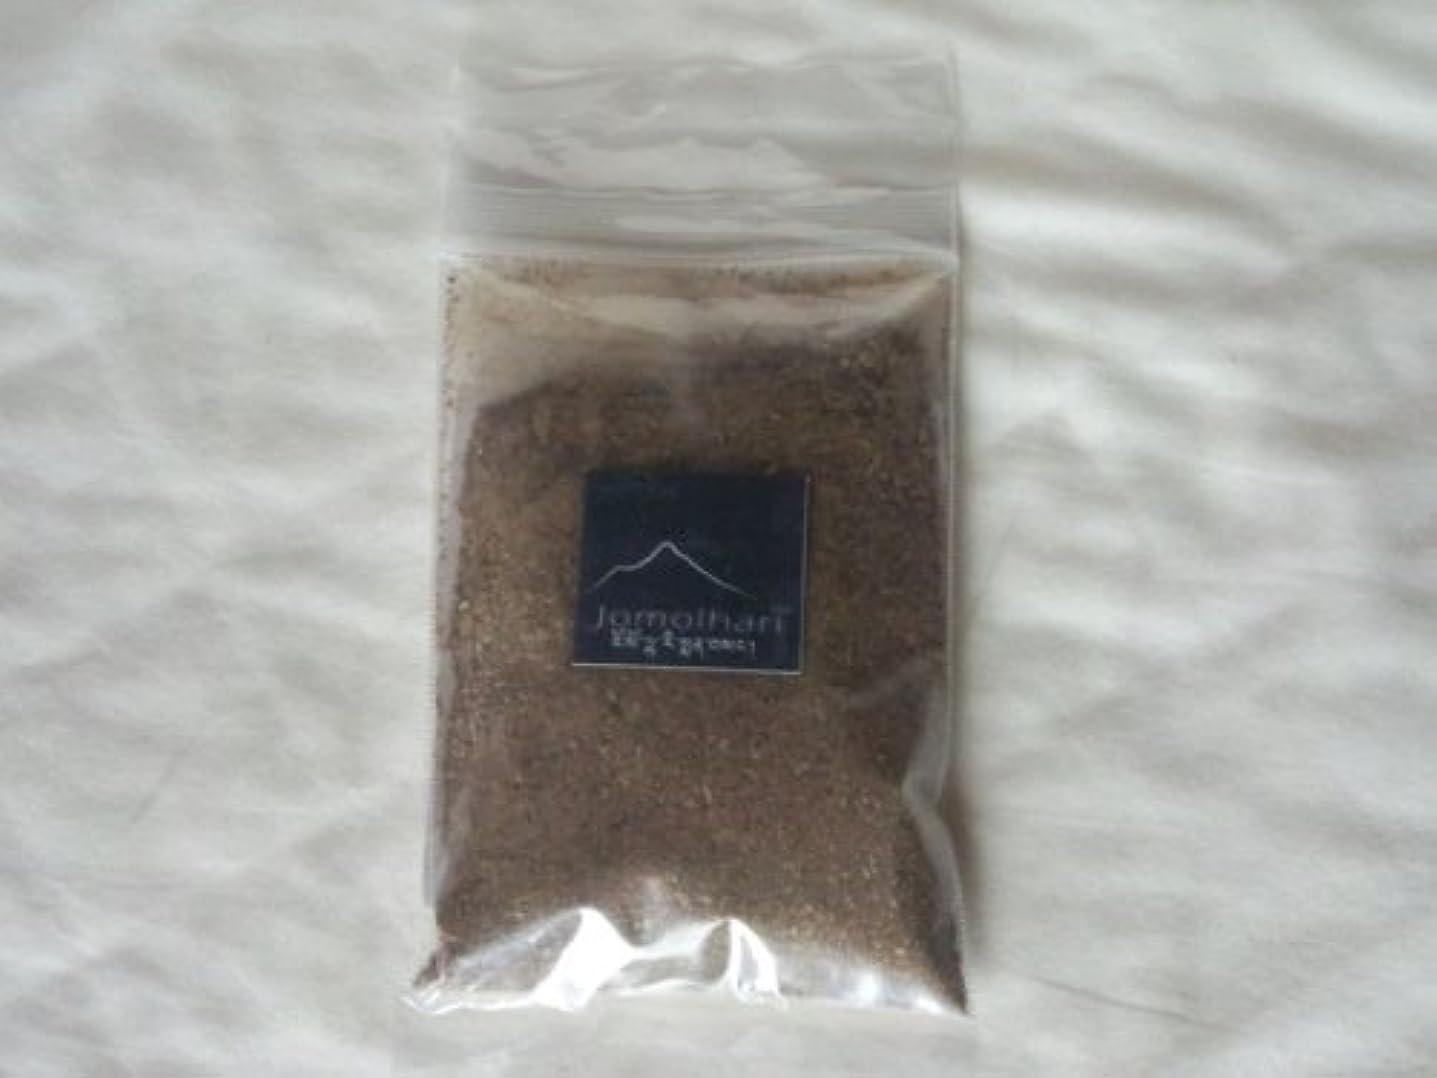 レンズソビエトコメンテーターチミ香/ジョモラリ(パウダーインセンス)50g  Jomolhari - Powder